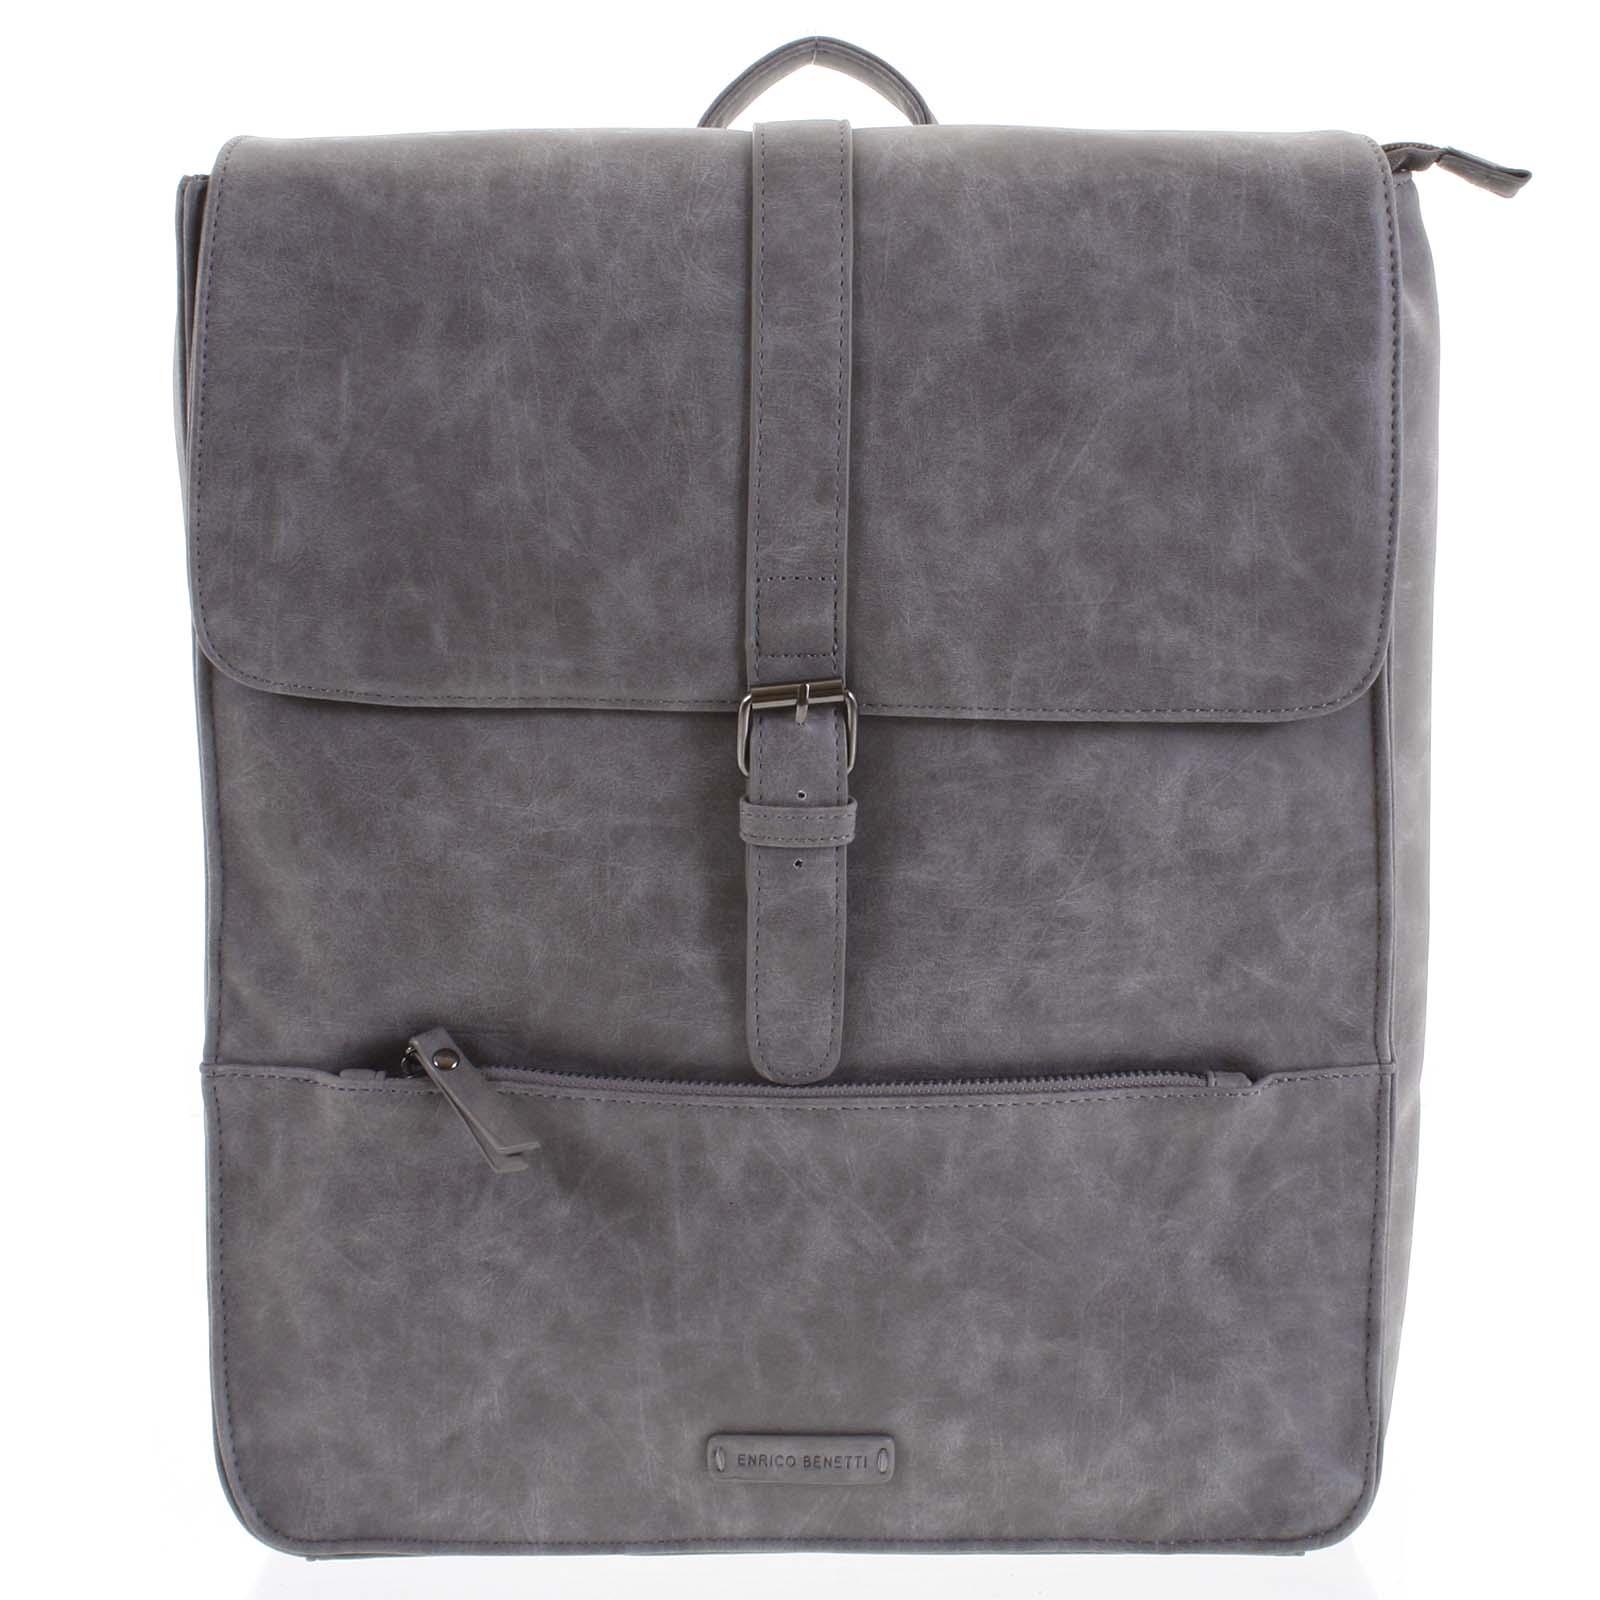 Moderný batoh stredne sivý - Enrico Benetti Kaarlo šedá